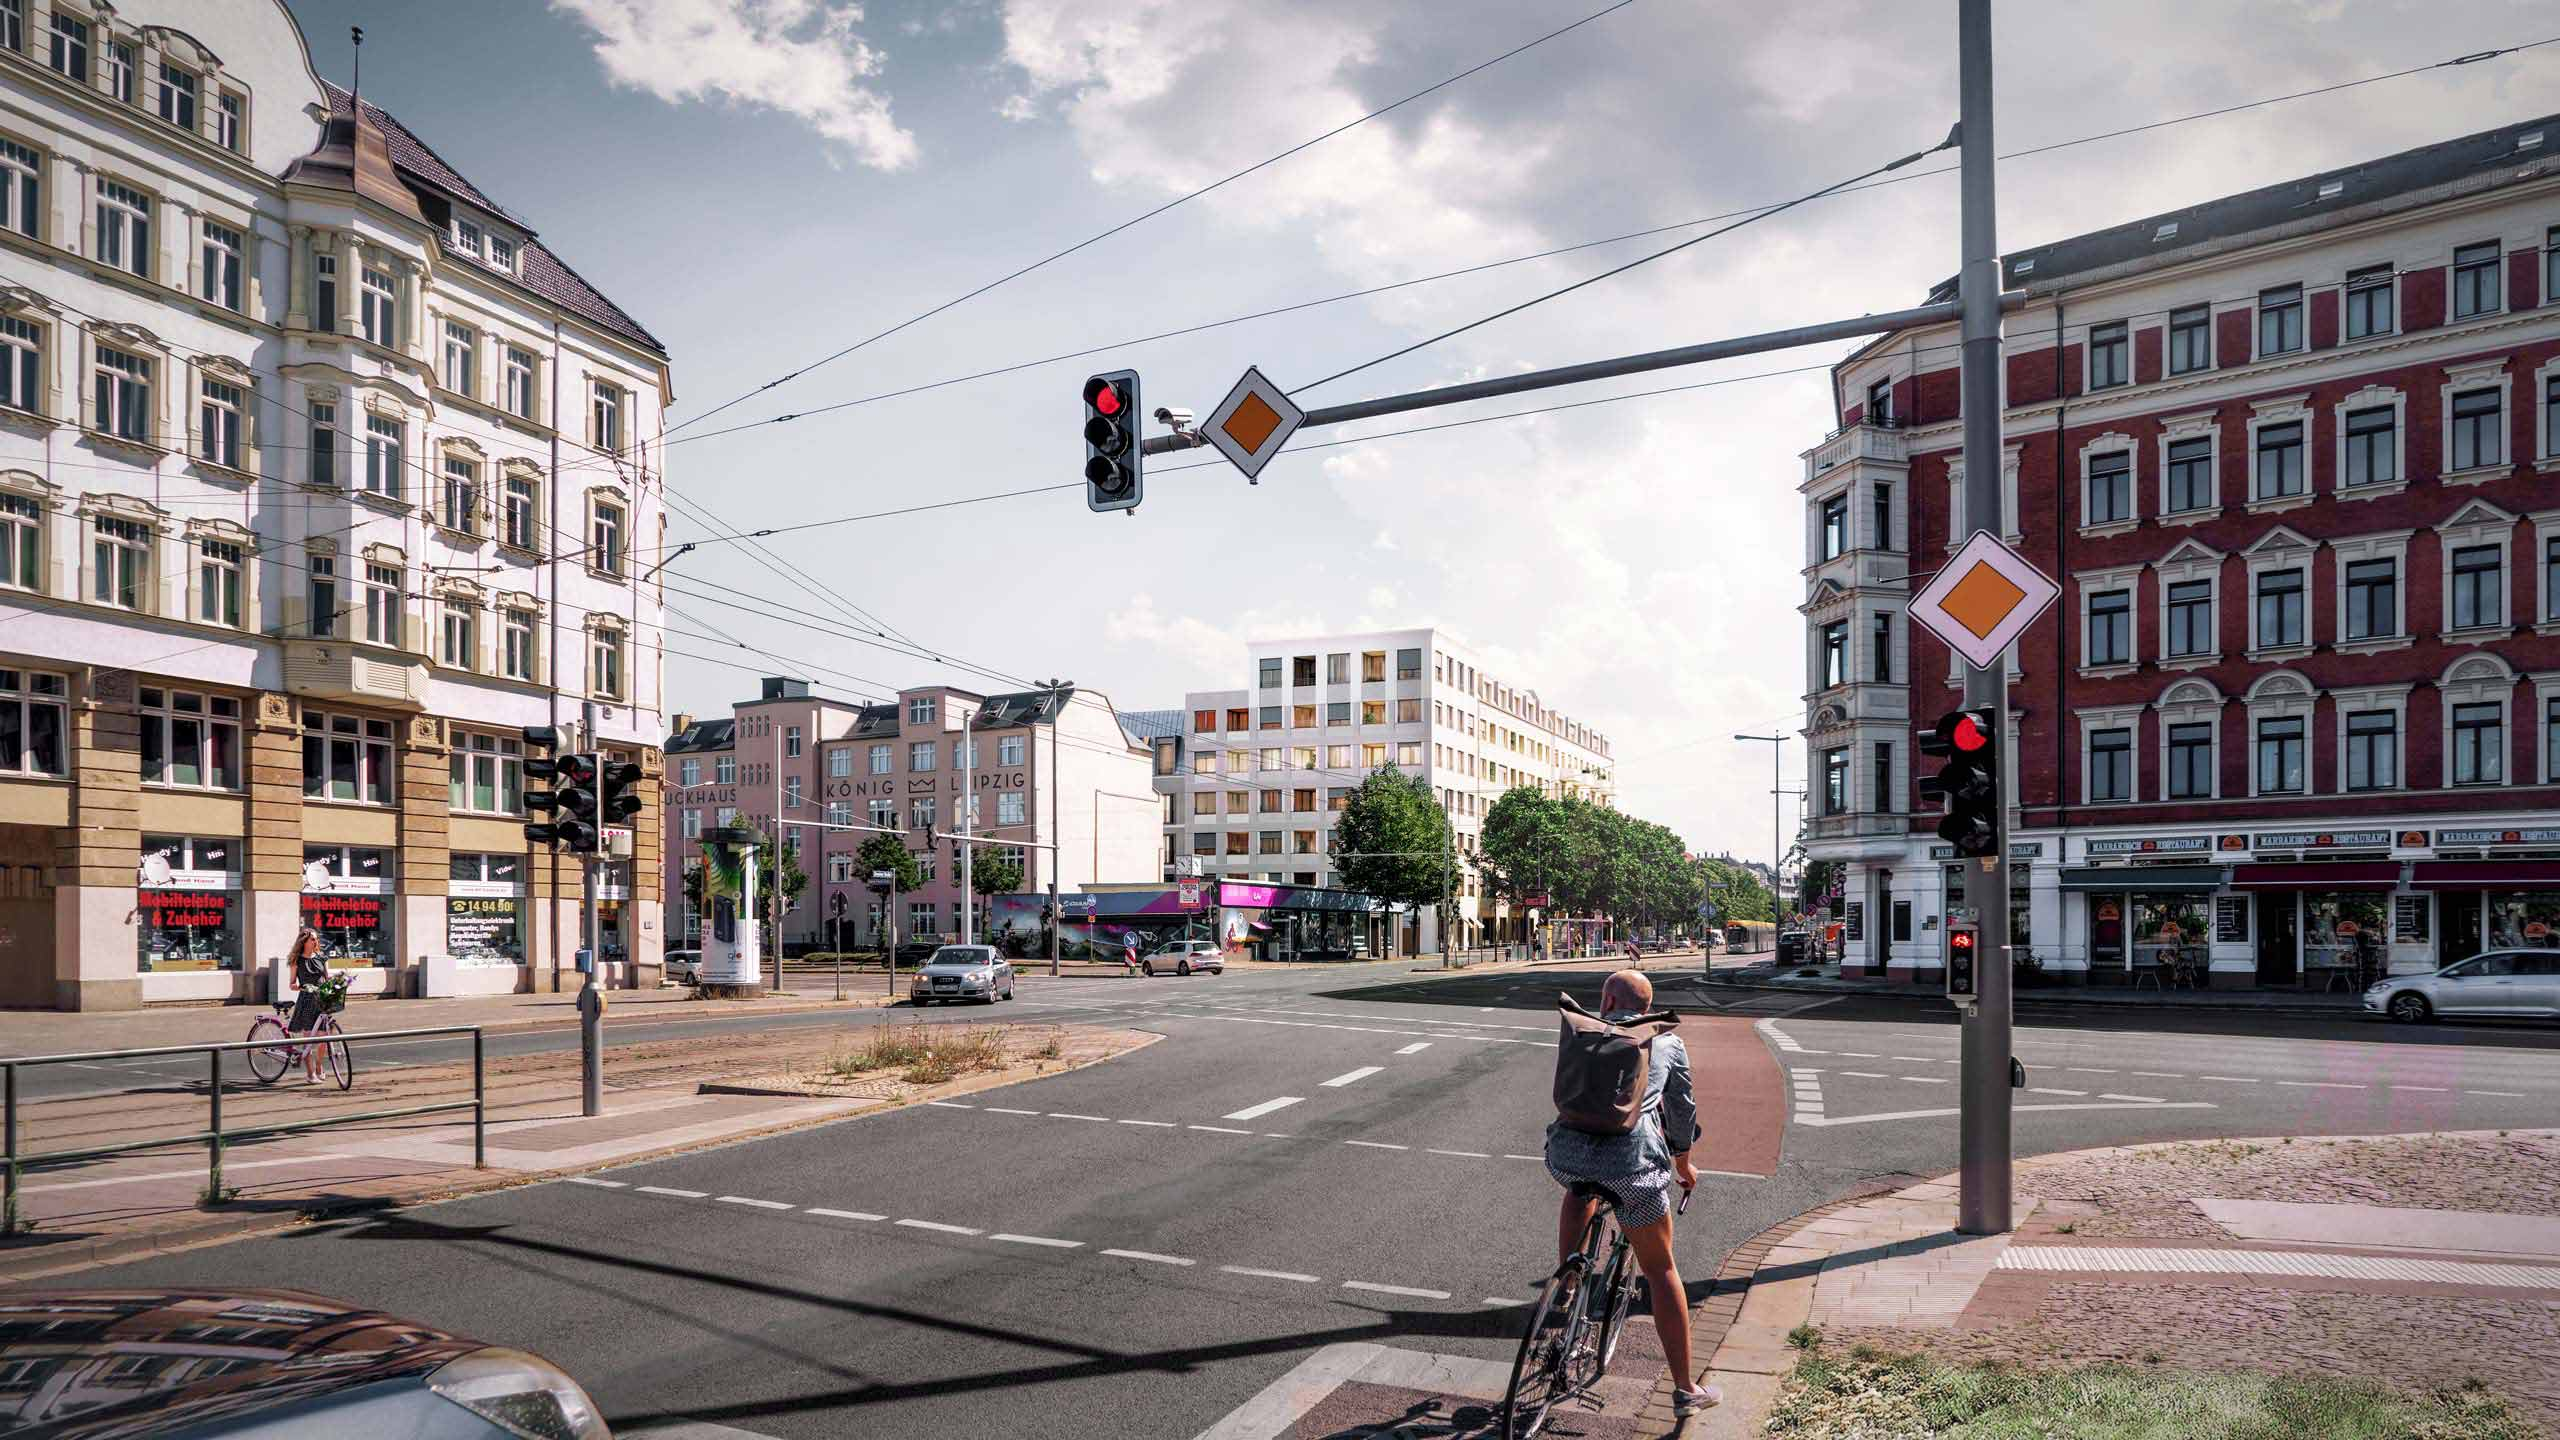 KLM Architekten Wohnungsbau Leipzig Dresdner Strasse Visualisierung 01